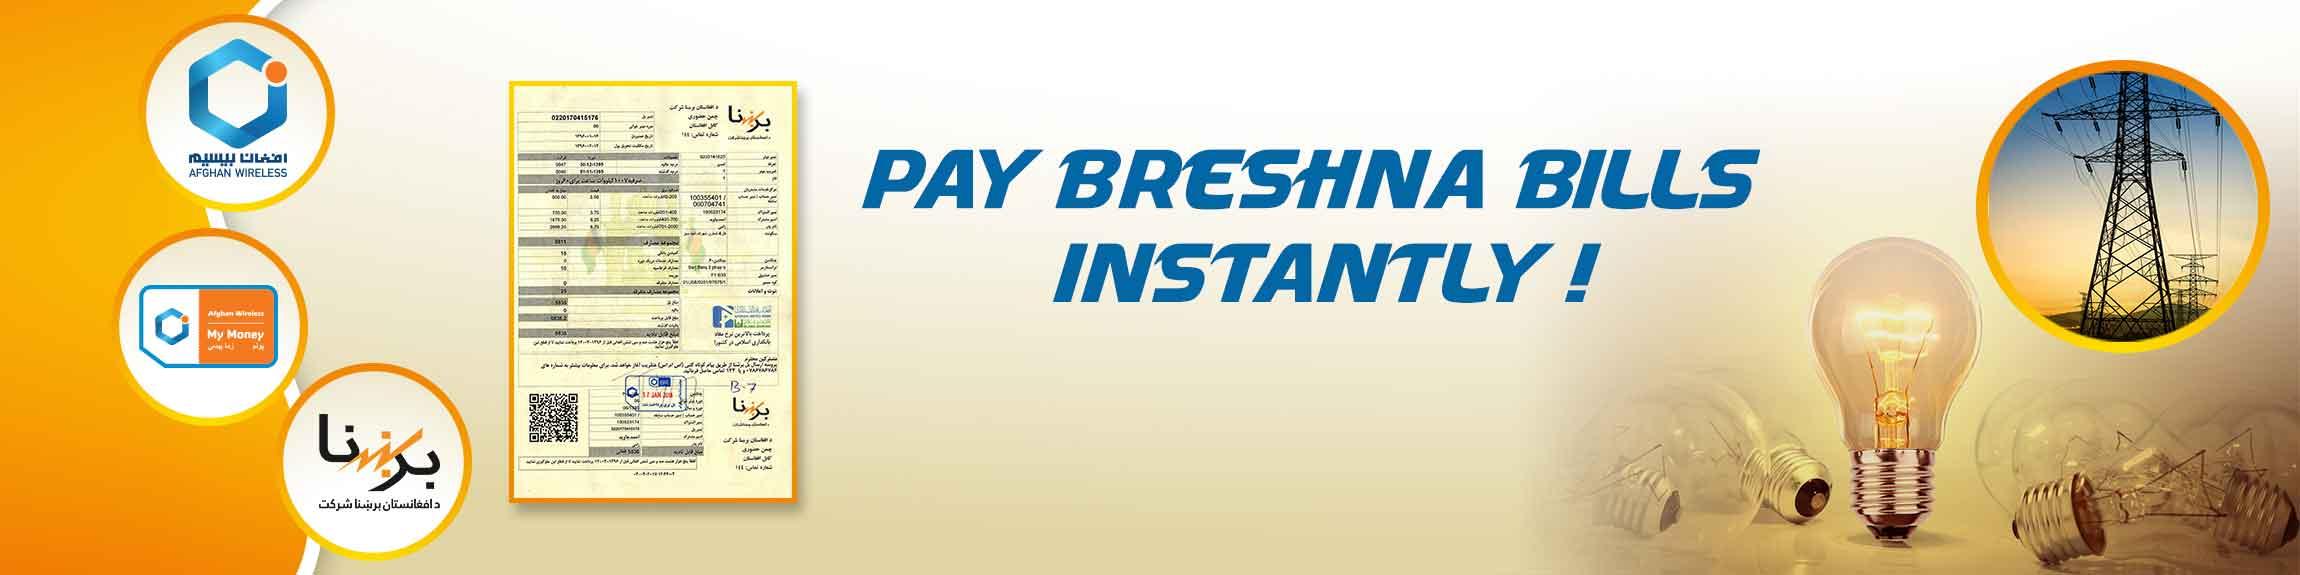 Breshna-web-banner